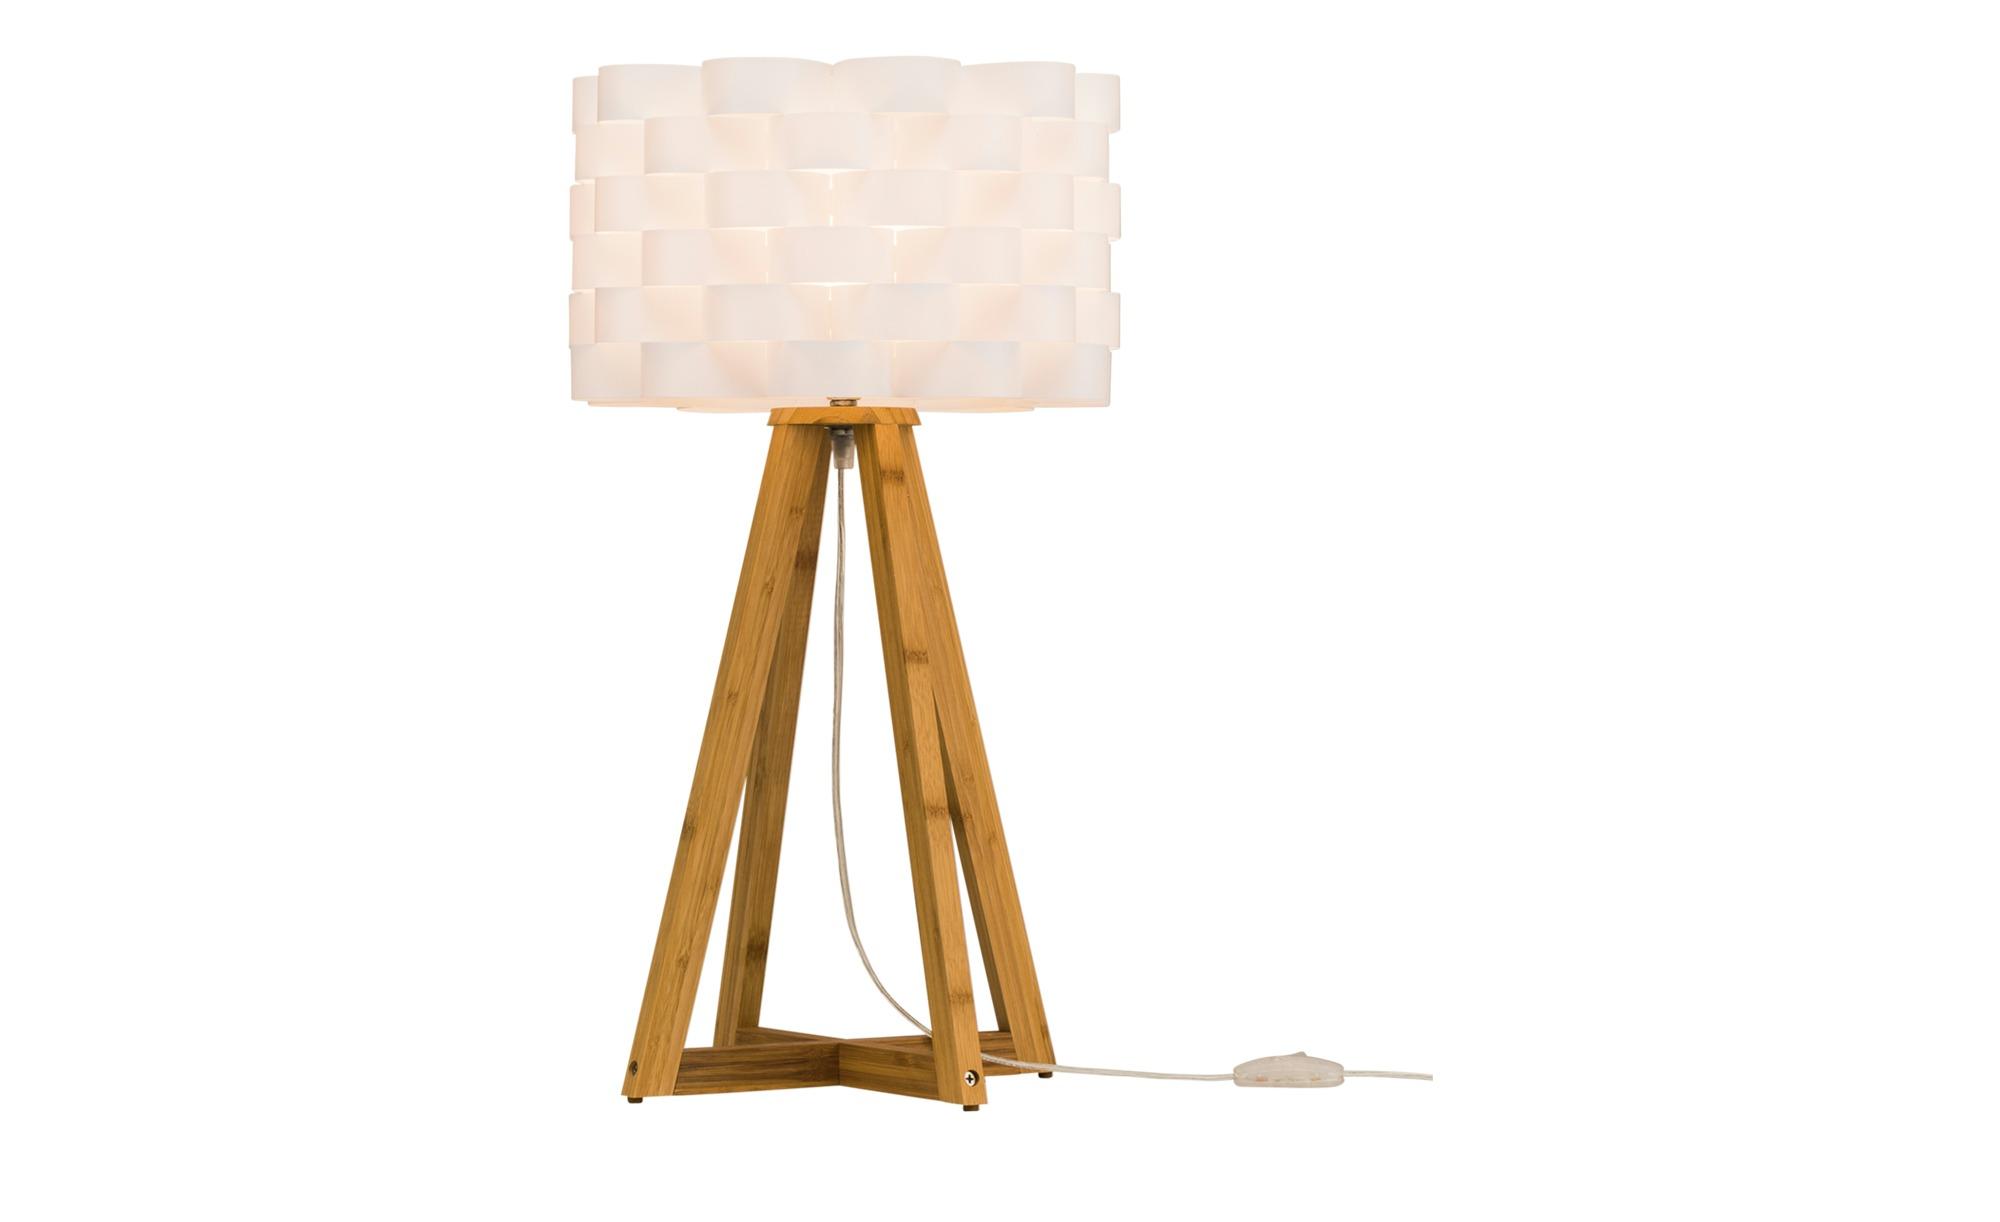 khg tischlampe mit holzfu und wei em schirm breite 30 cm h he 55 cm wei online kaufen bei woonio. Black Bedroom Furniture Sets. Home Design Ideas